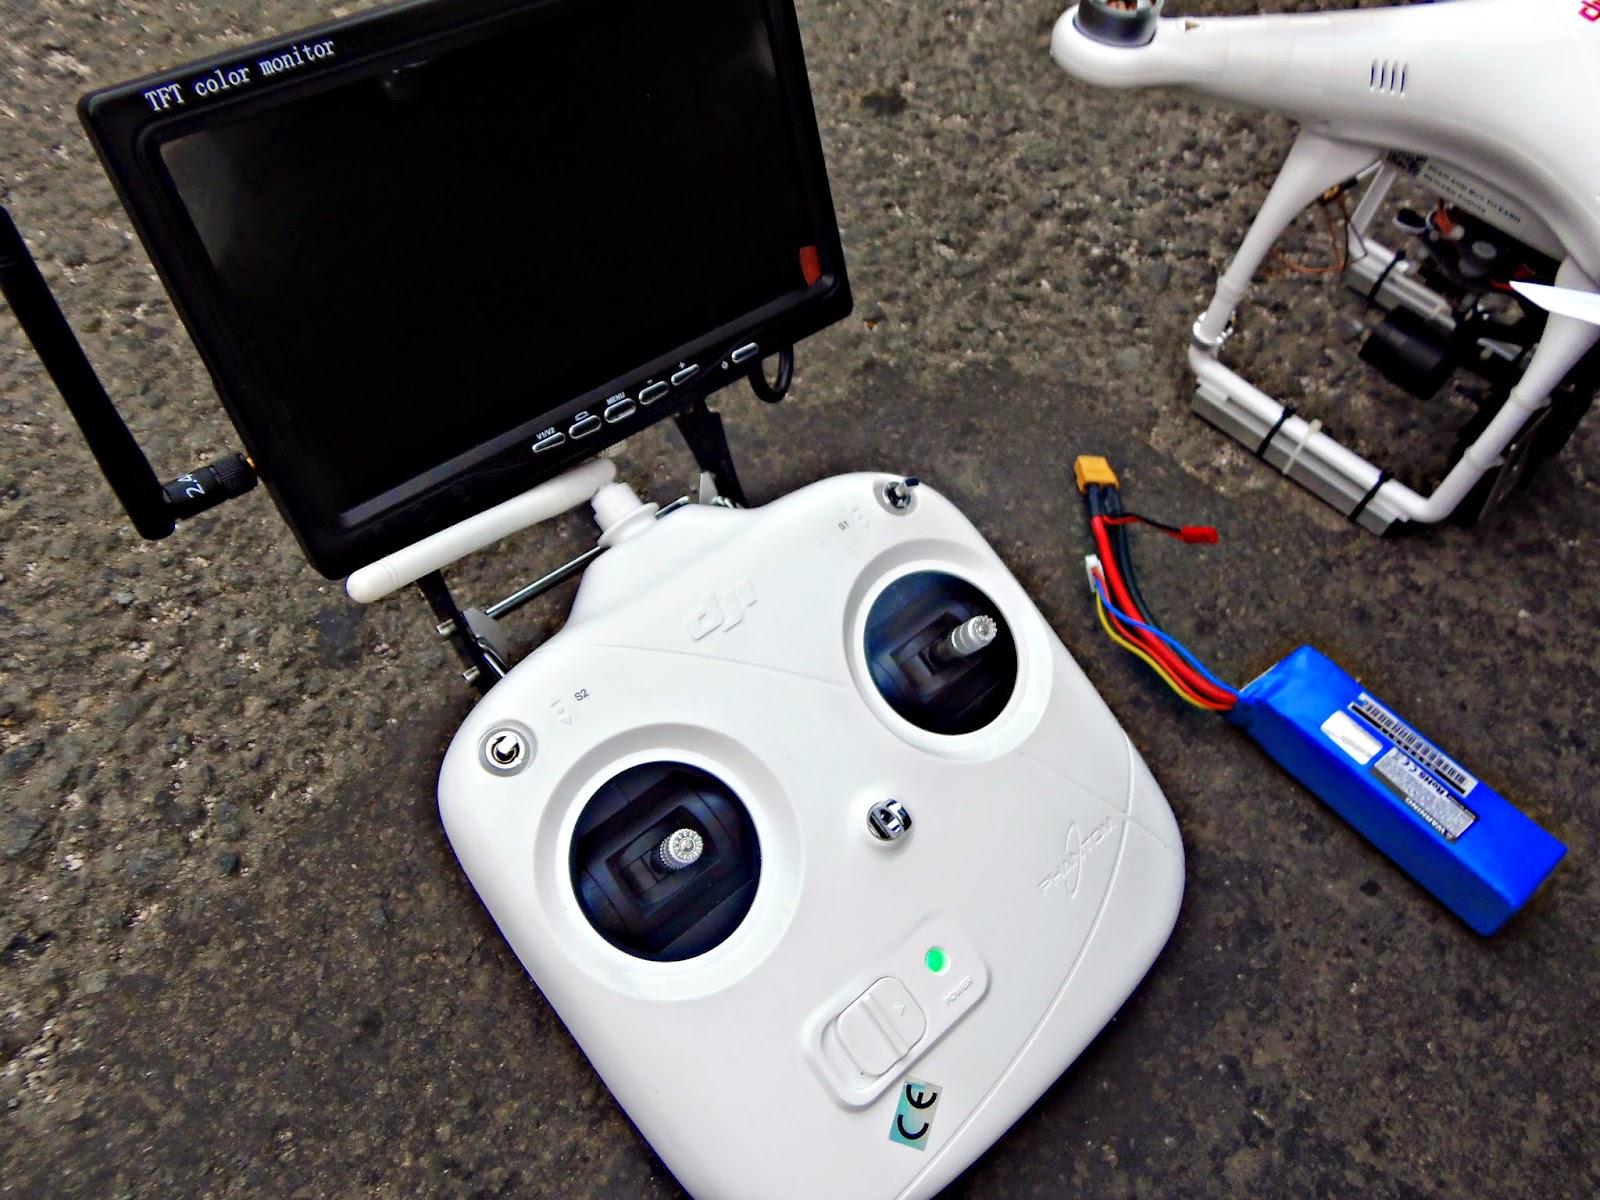 Apa itu DJI Phantom atau Drone (review + harga) - everybodygoesblog